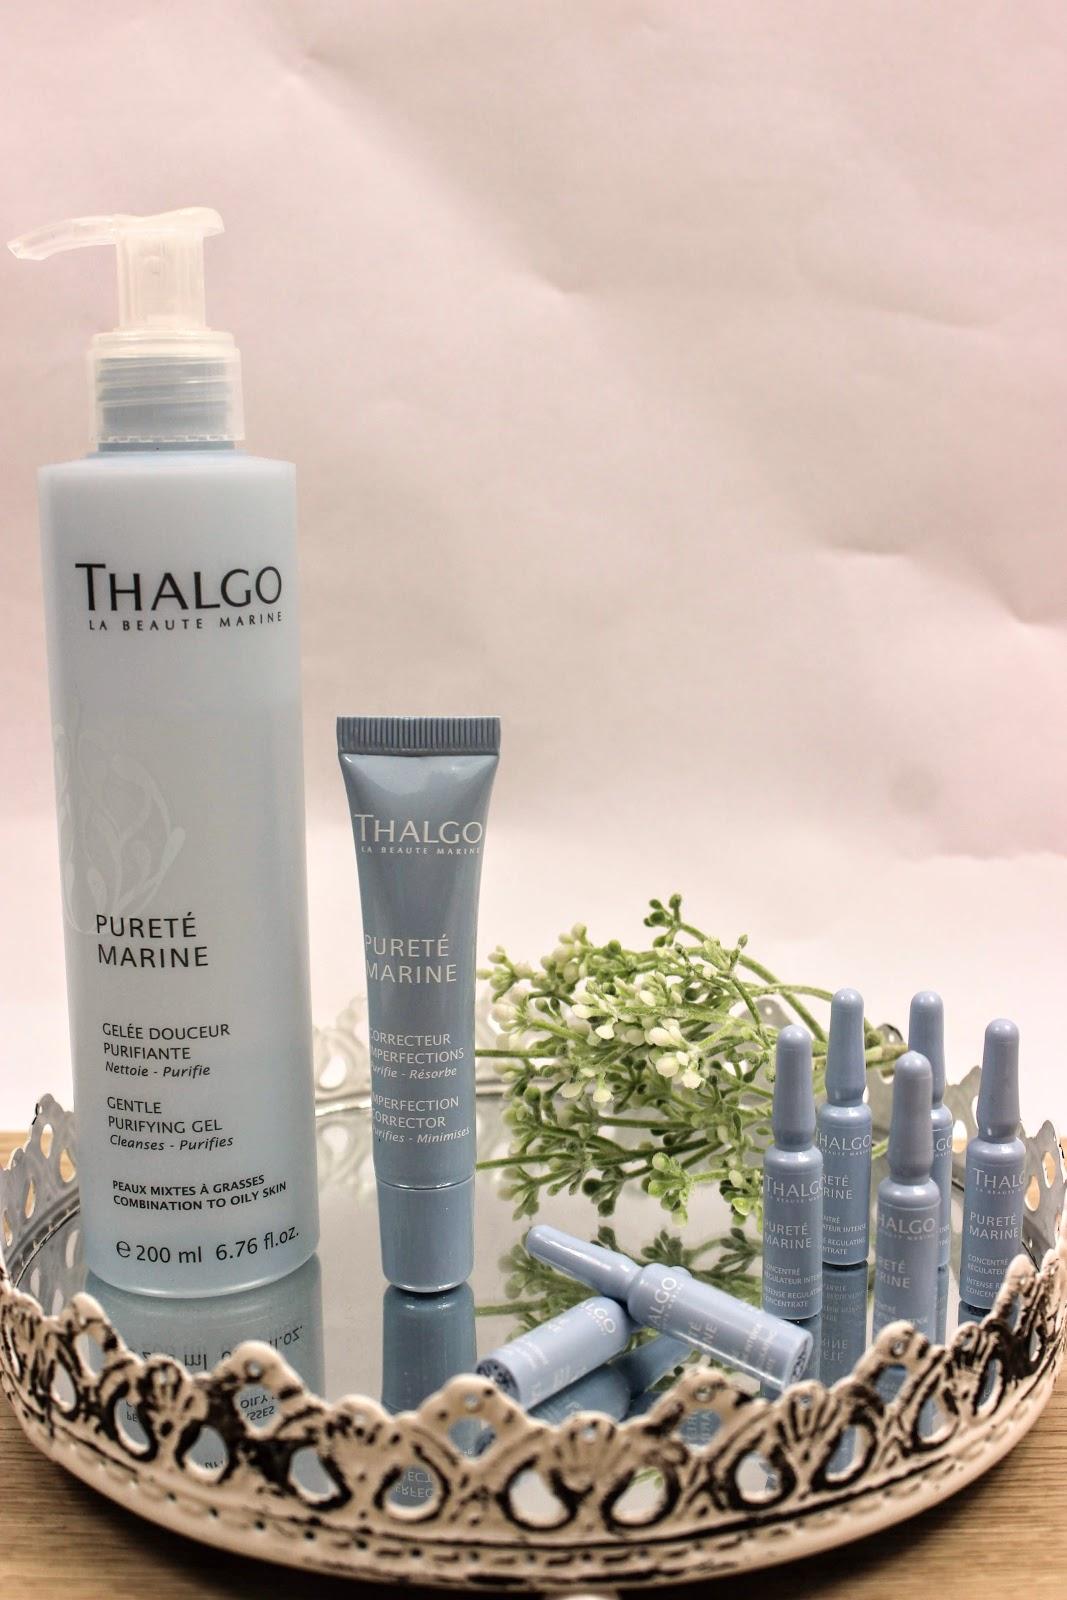 produits beauté et soin Thalgo Les petites bulles de ma vie